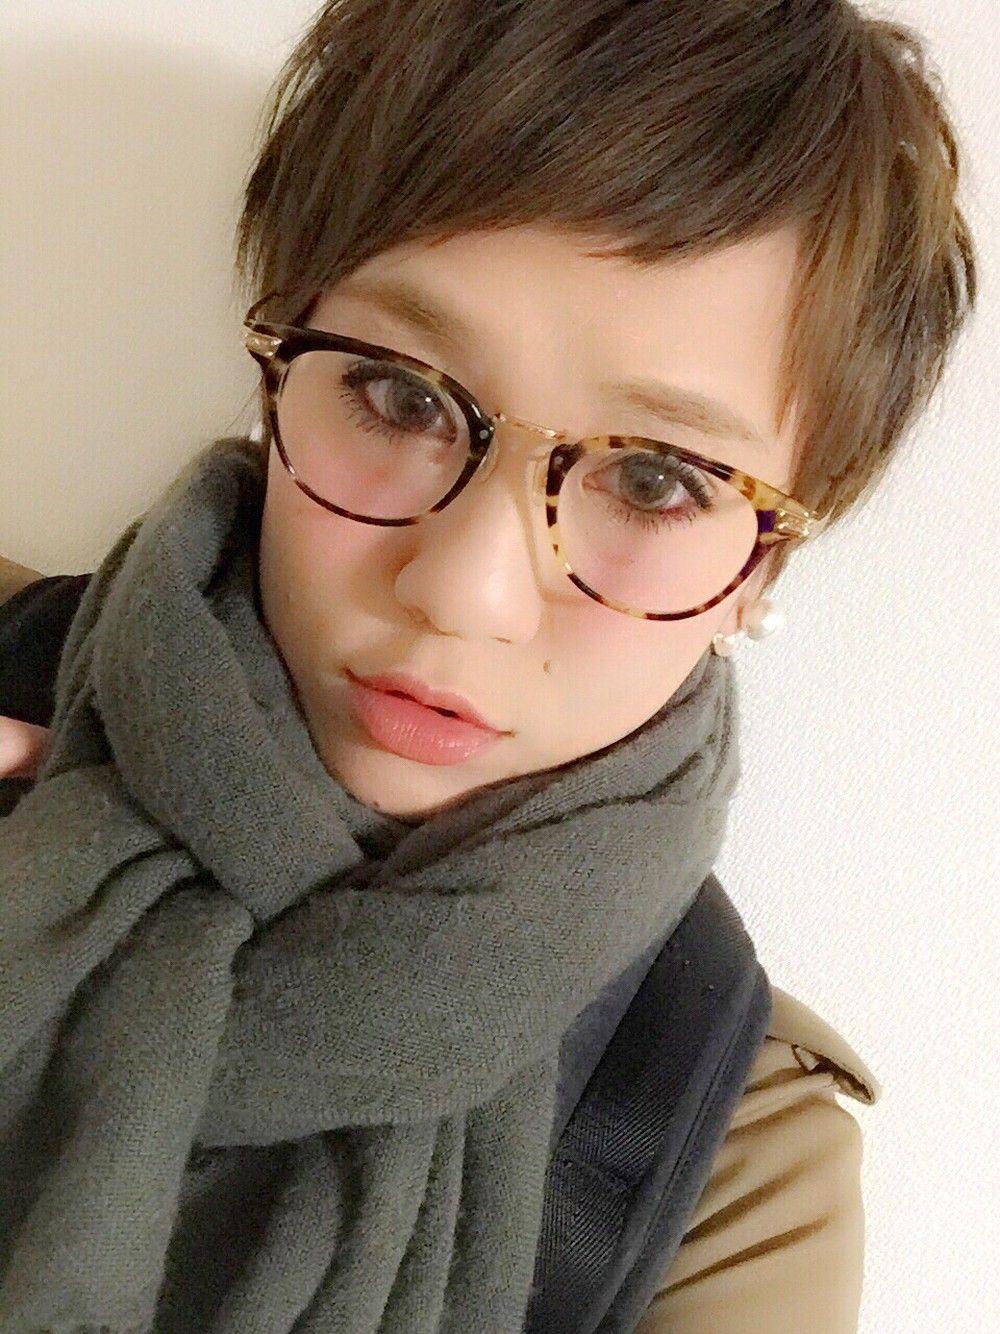 Frisuren kurze haare und brille